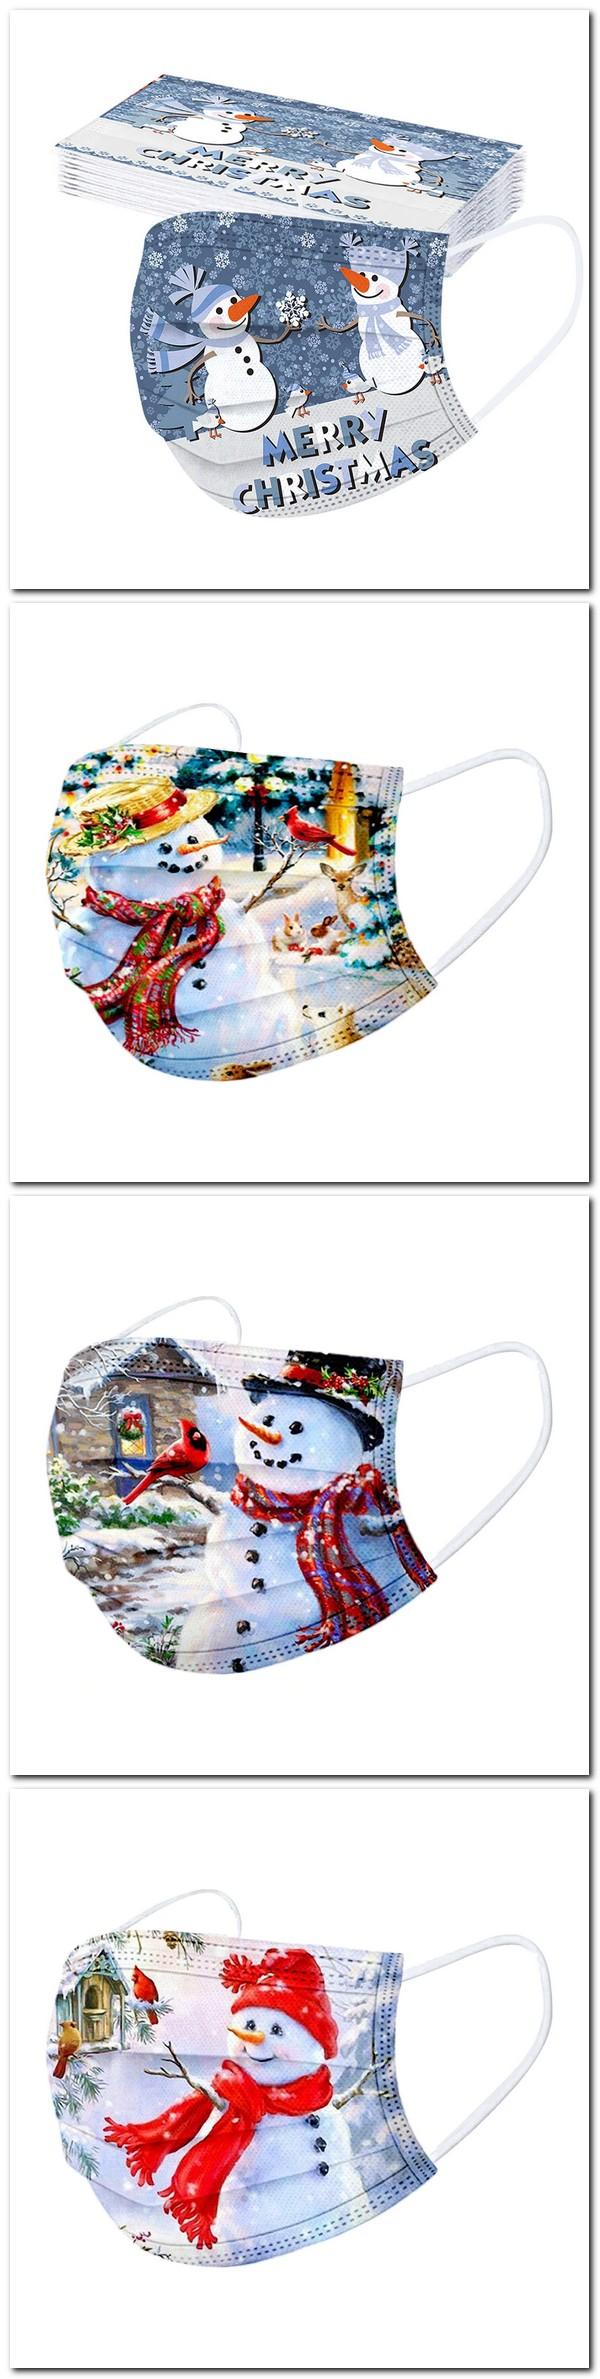 4 designs